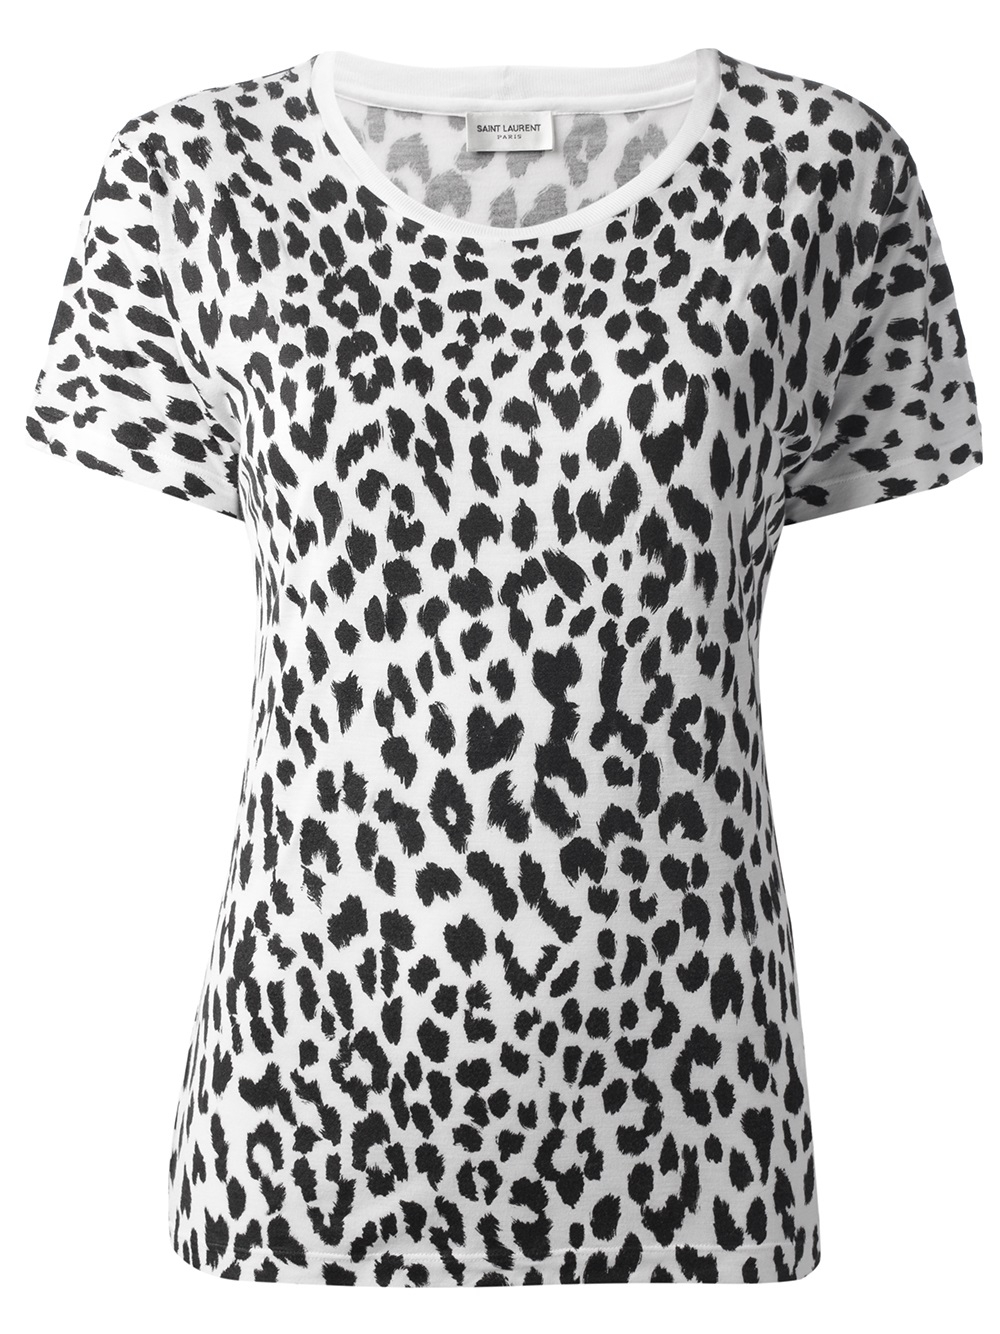 leopard print top gallery sjtjuhc